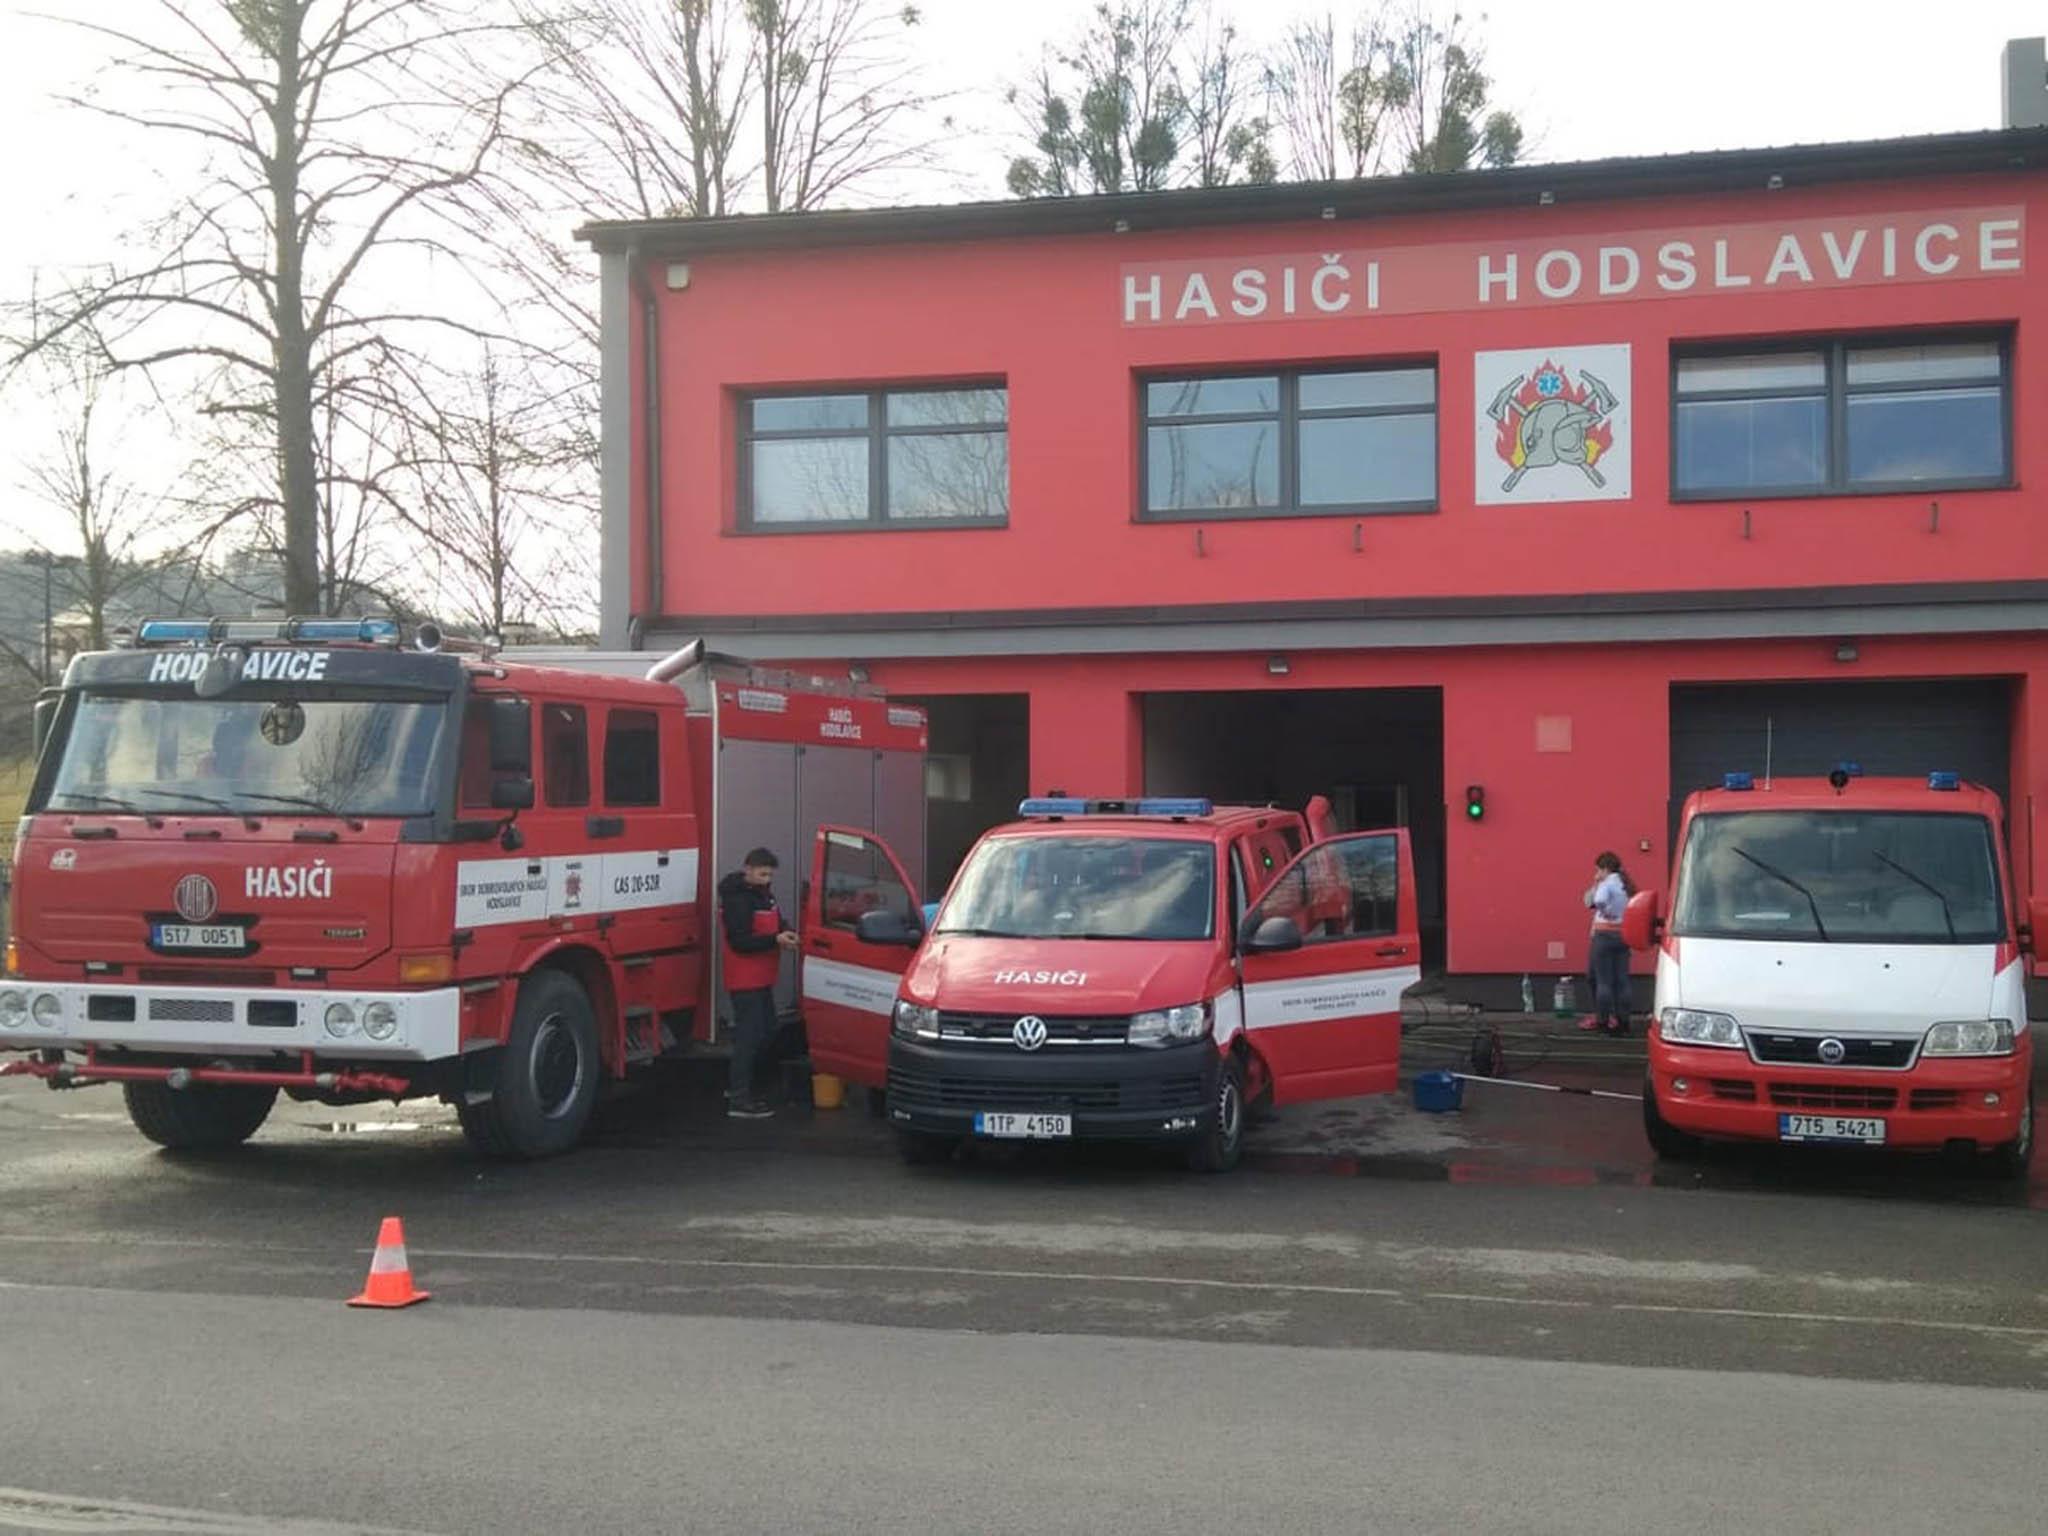 Hasiči vobci Hodslavicevyužili peníze zEU nazateplení zbrojnice inákup vozu.